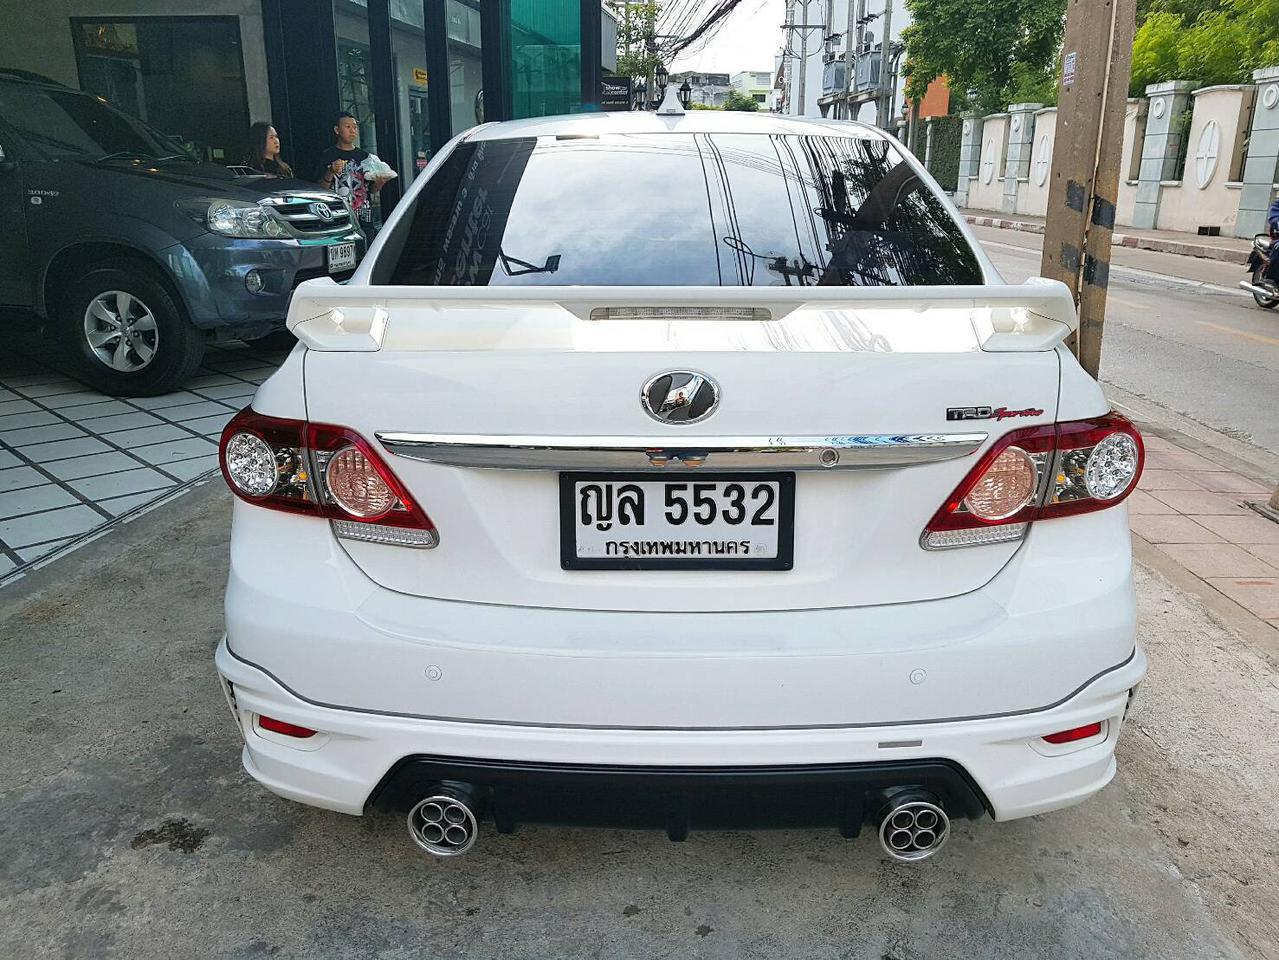 TOYOTA ALTIS SPORTIVO TRD 1.8 รถปี 2011 สีขาว รถบ้าน สวยมากครับ  รูปที่ 3